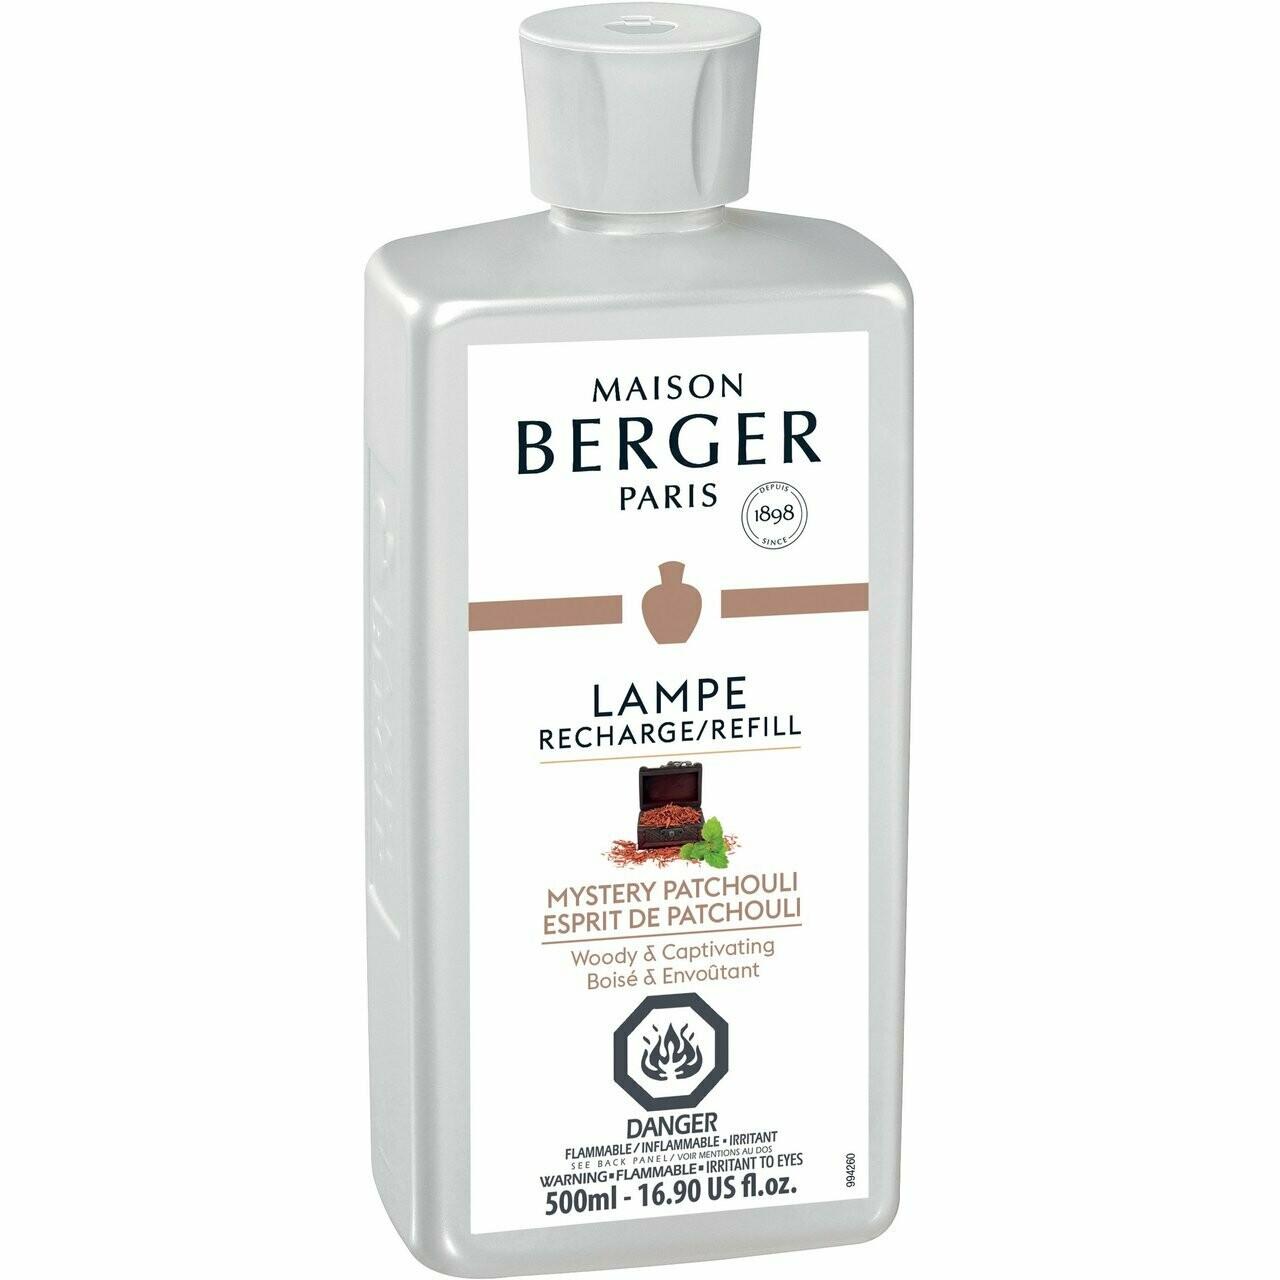 Mystery Patchouli 500 ml Fragrance